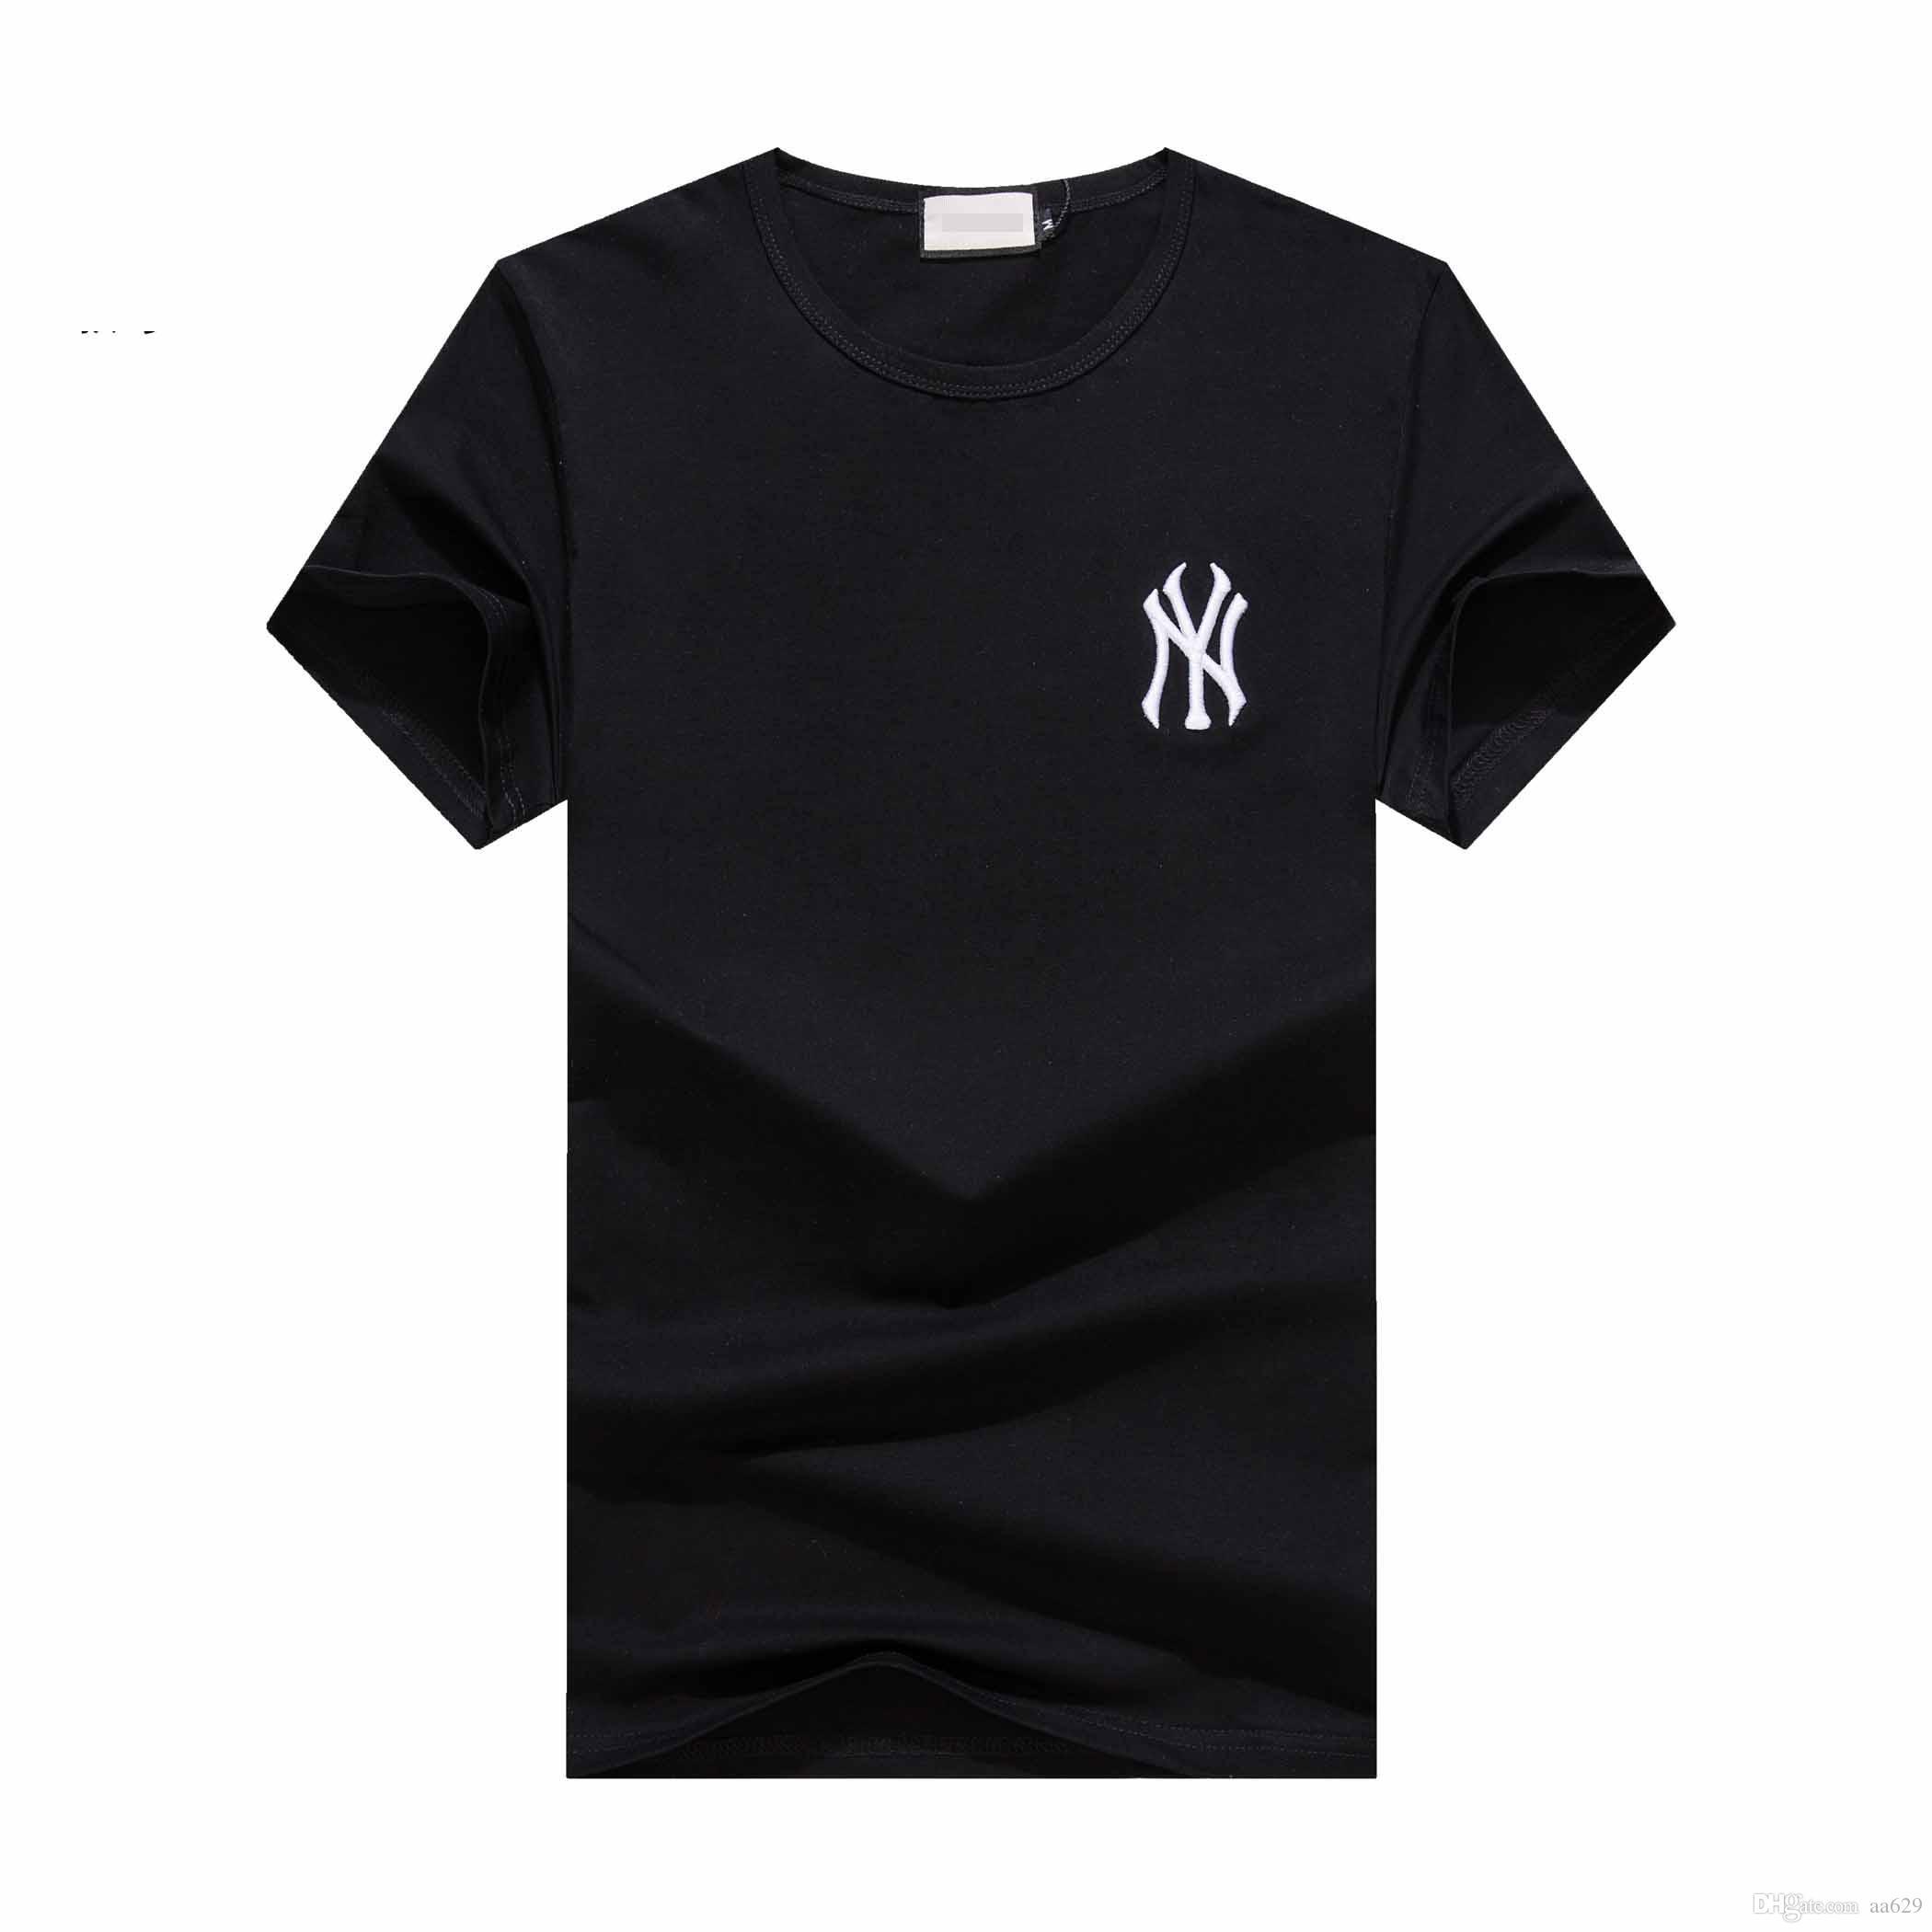 diseño de lujo camisetas Ropa Casual 100% material elástico ropa de seda natural Ropa de playa clásico de manga corta para hombre del polo